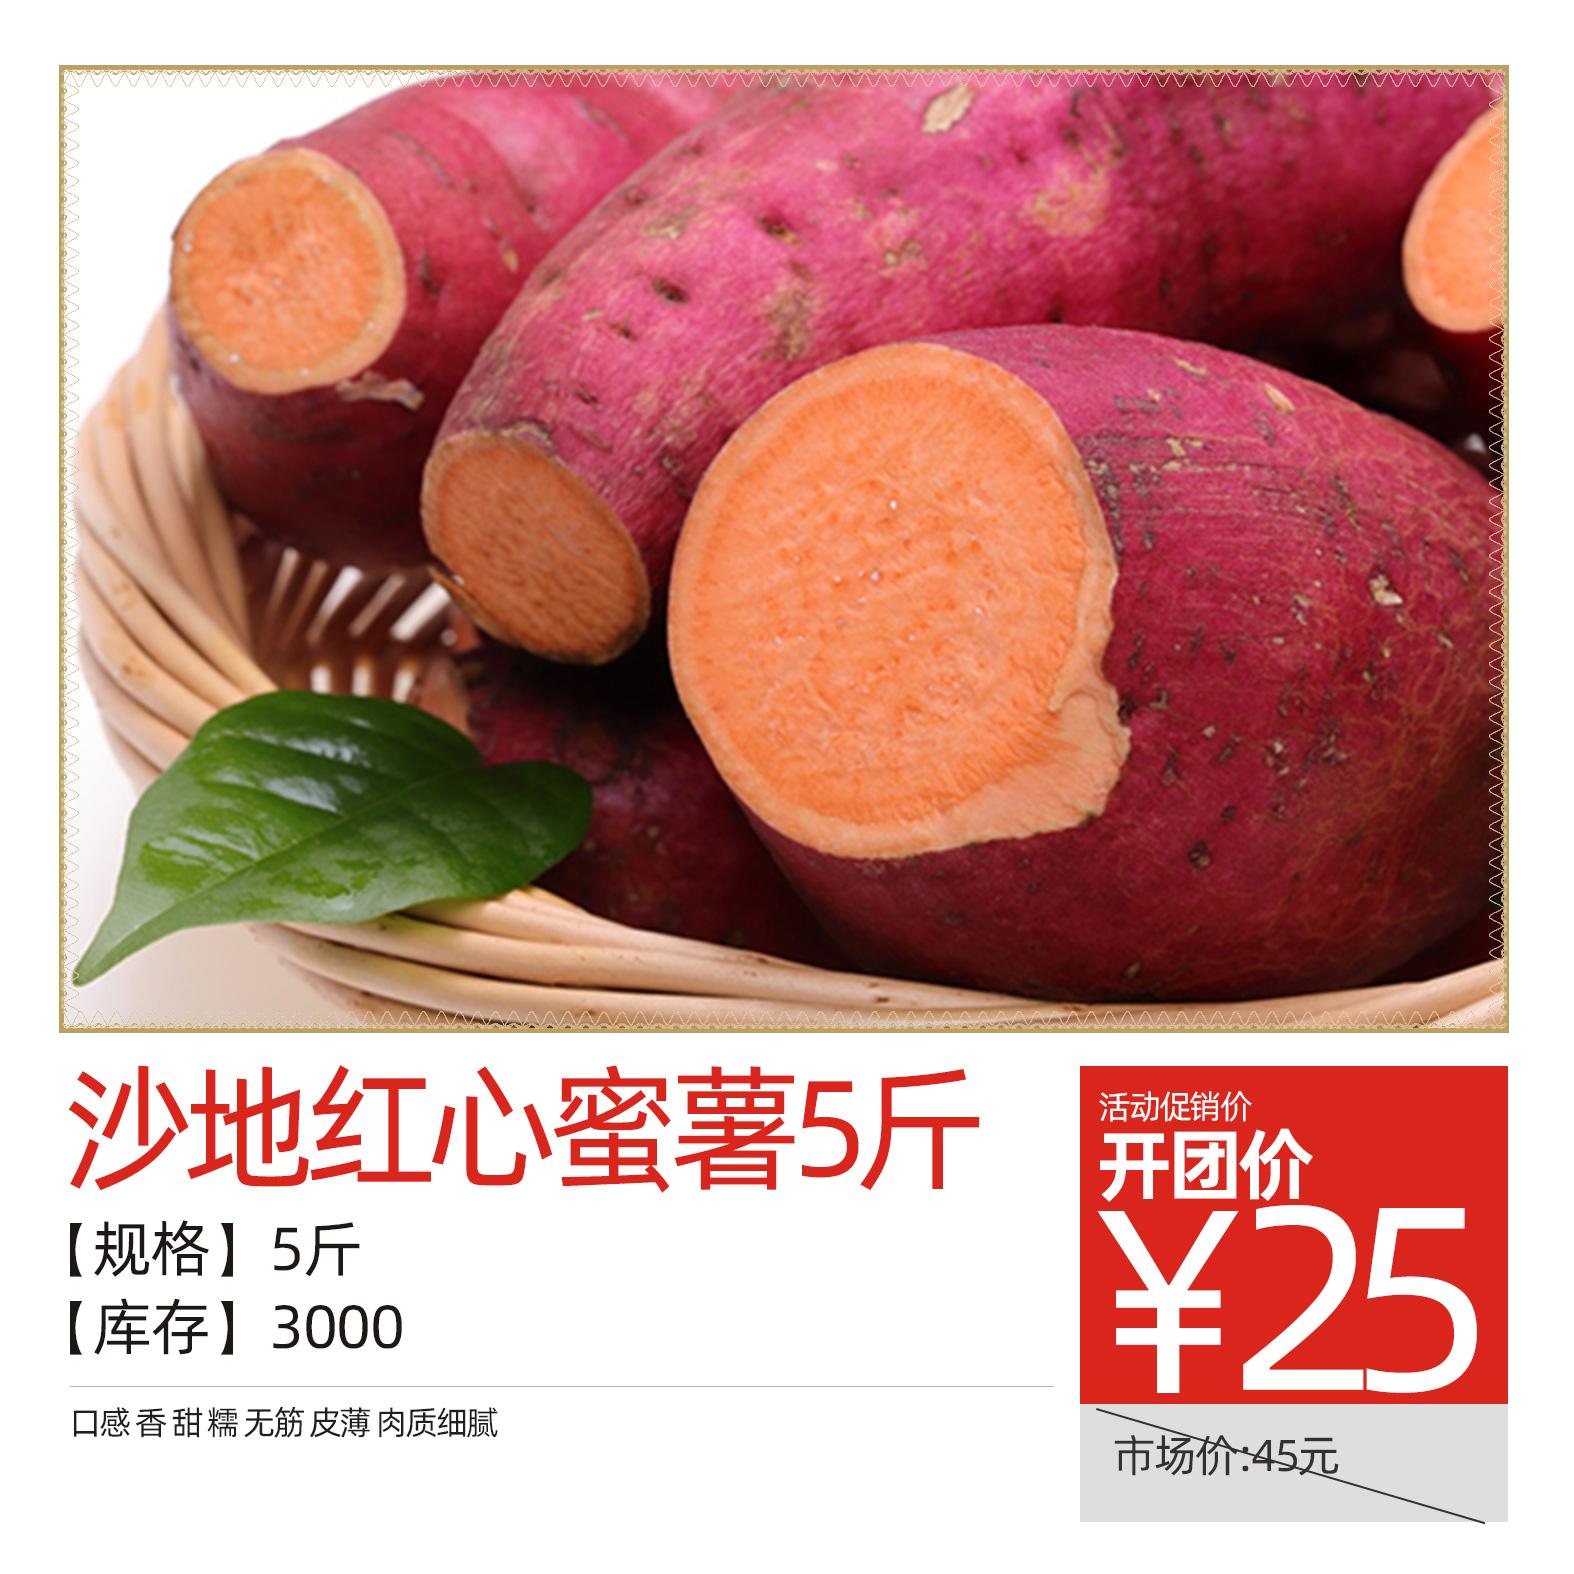 沙地红心蜜薯5斤